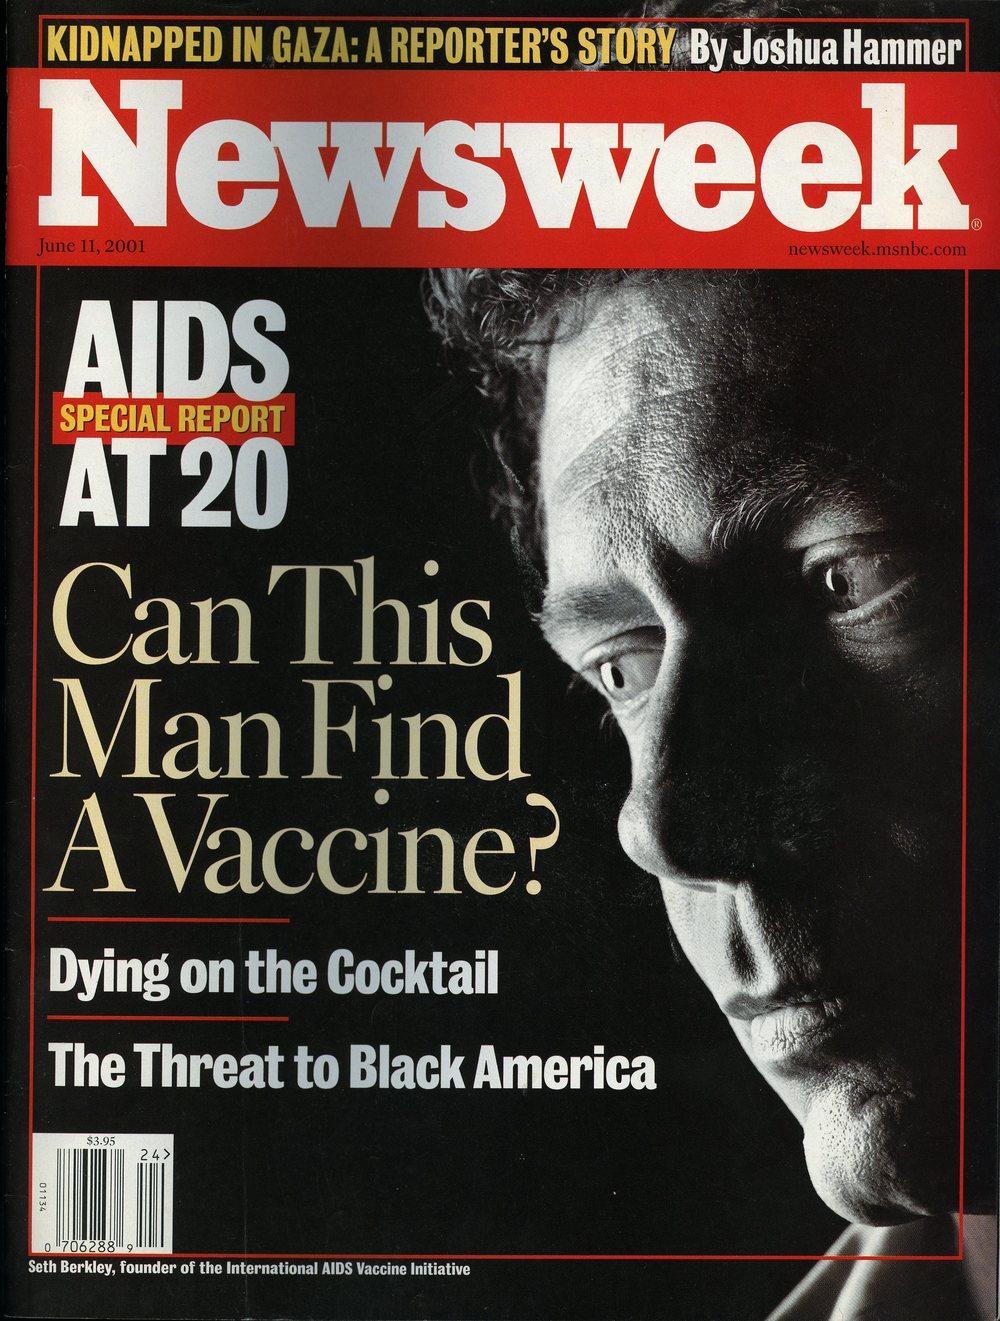 06112001_NEWSWEEK_MIDEAST_2_COVER.jpg